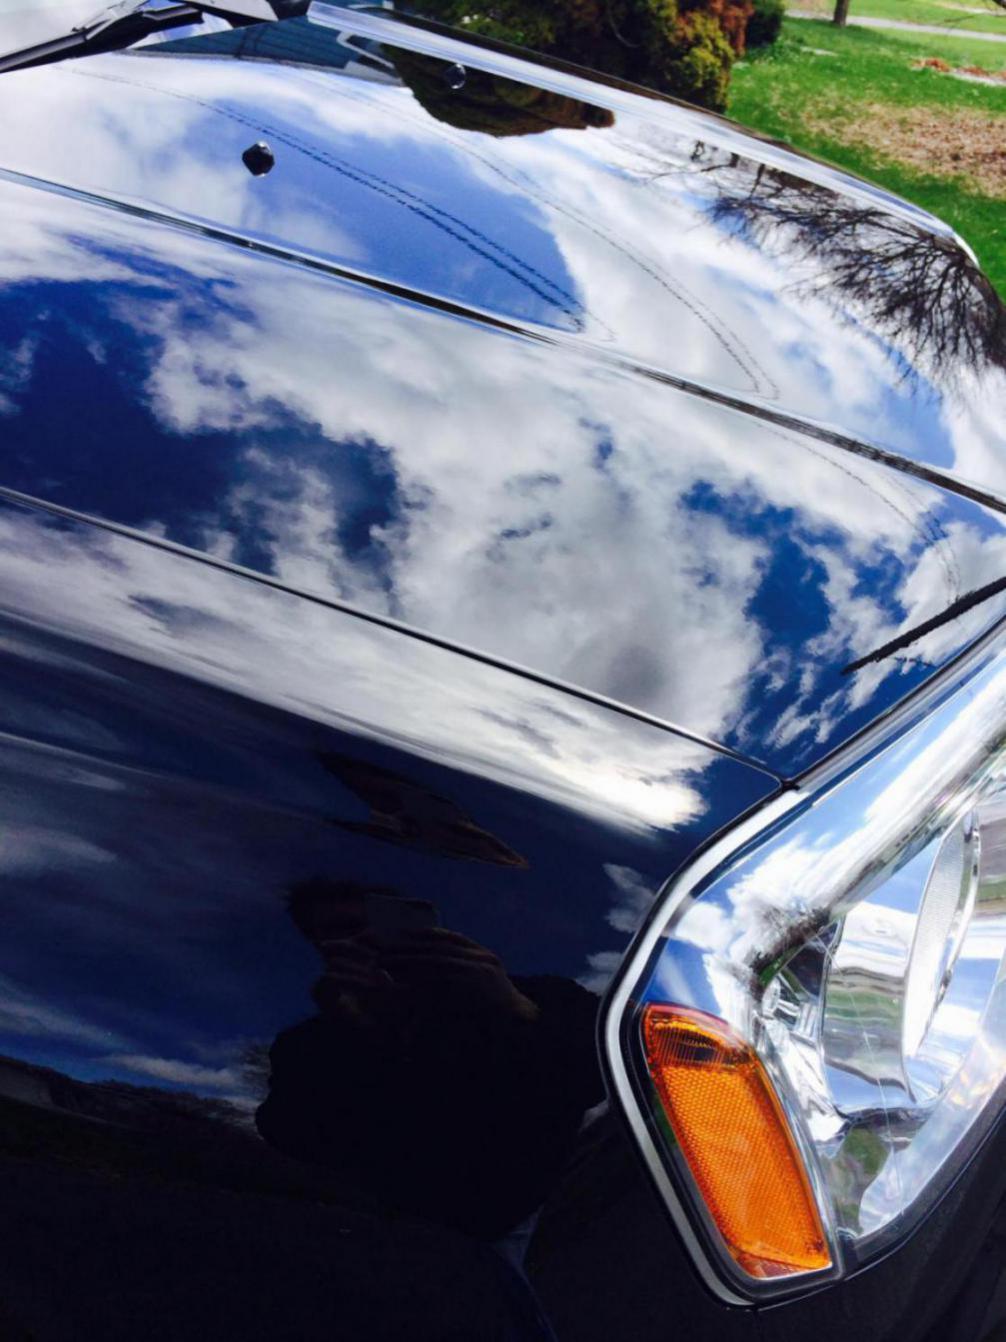 Detailed Our 2011 Honda Pilot Ex L Navi 4wd Honda Pilot Honda Pilot Forums